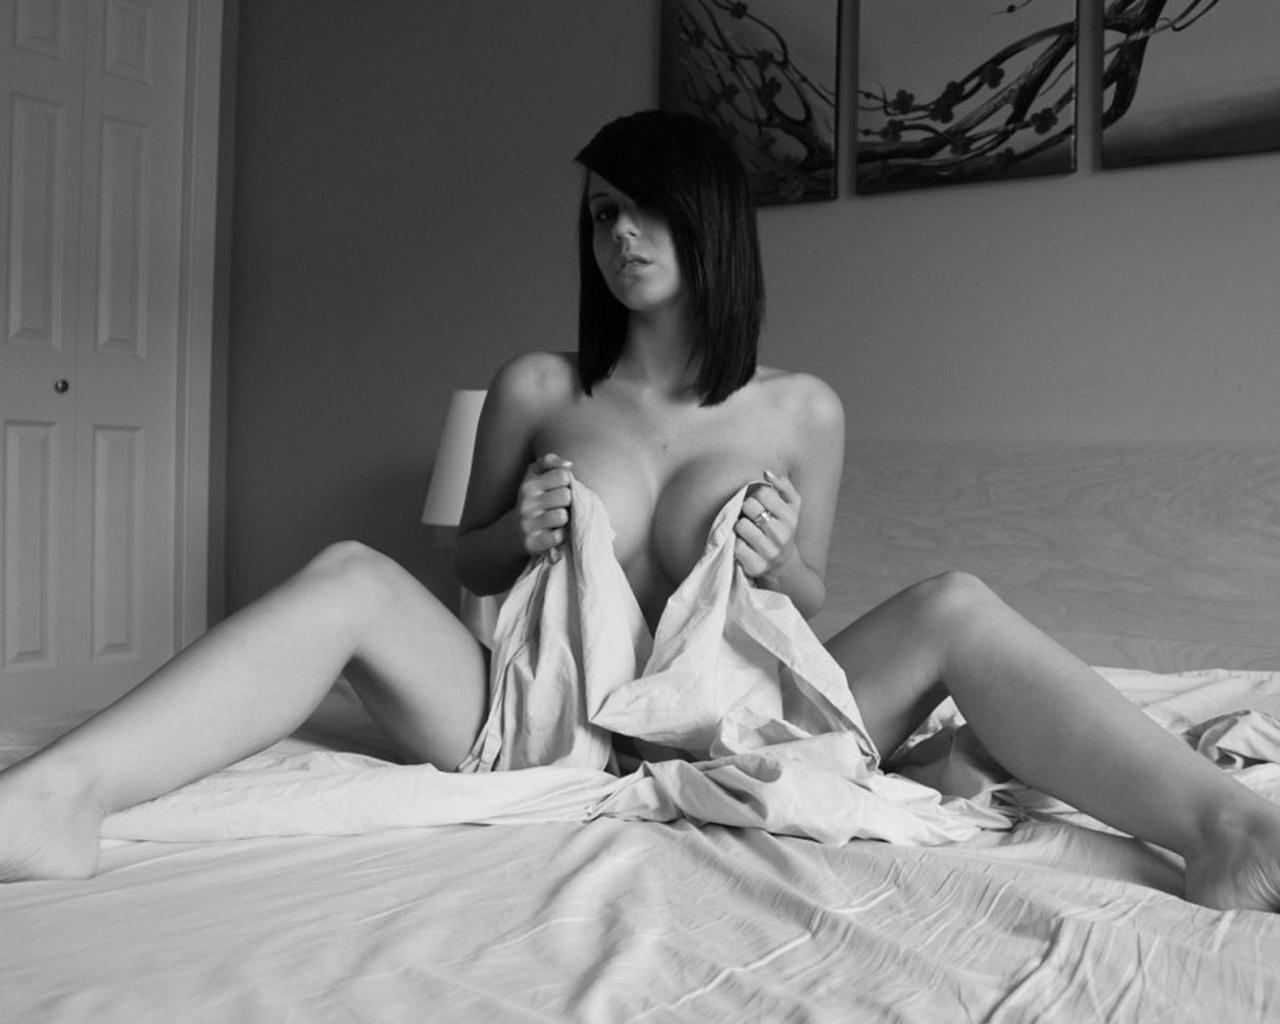 Эротические черное фото, Чёрно-белая эротика - красивые фото голых девушек 1 фотография